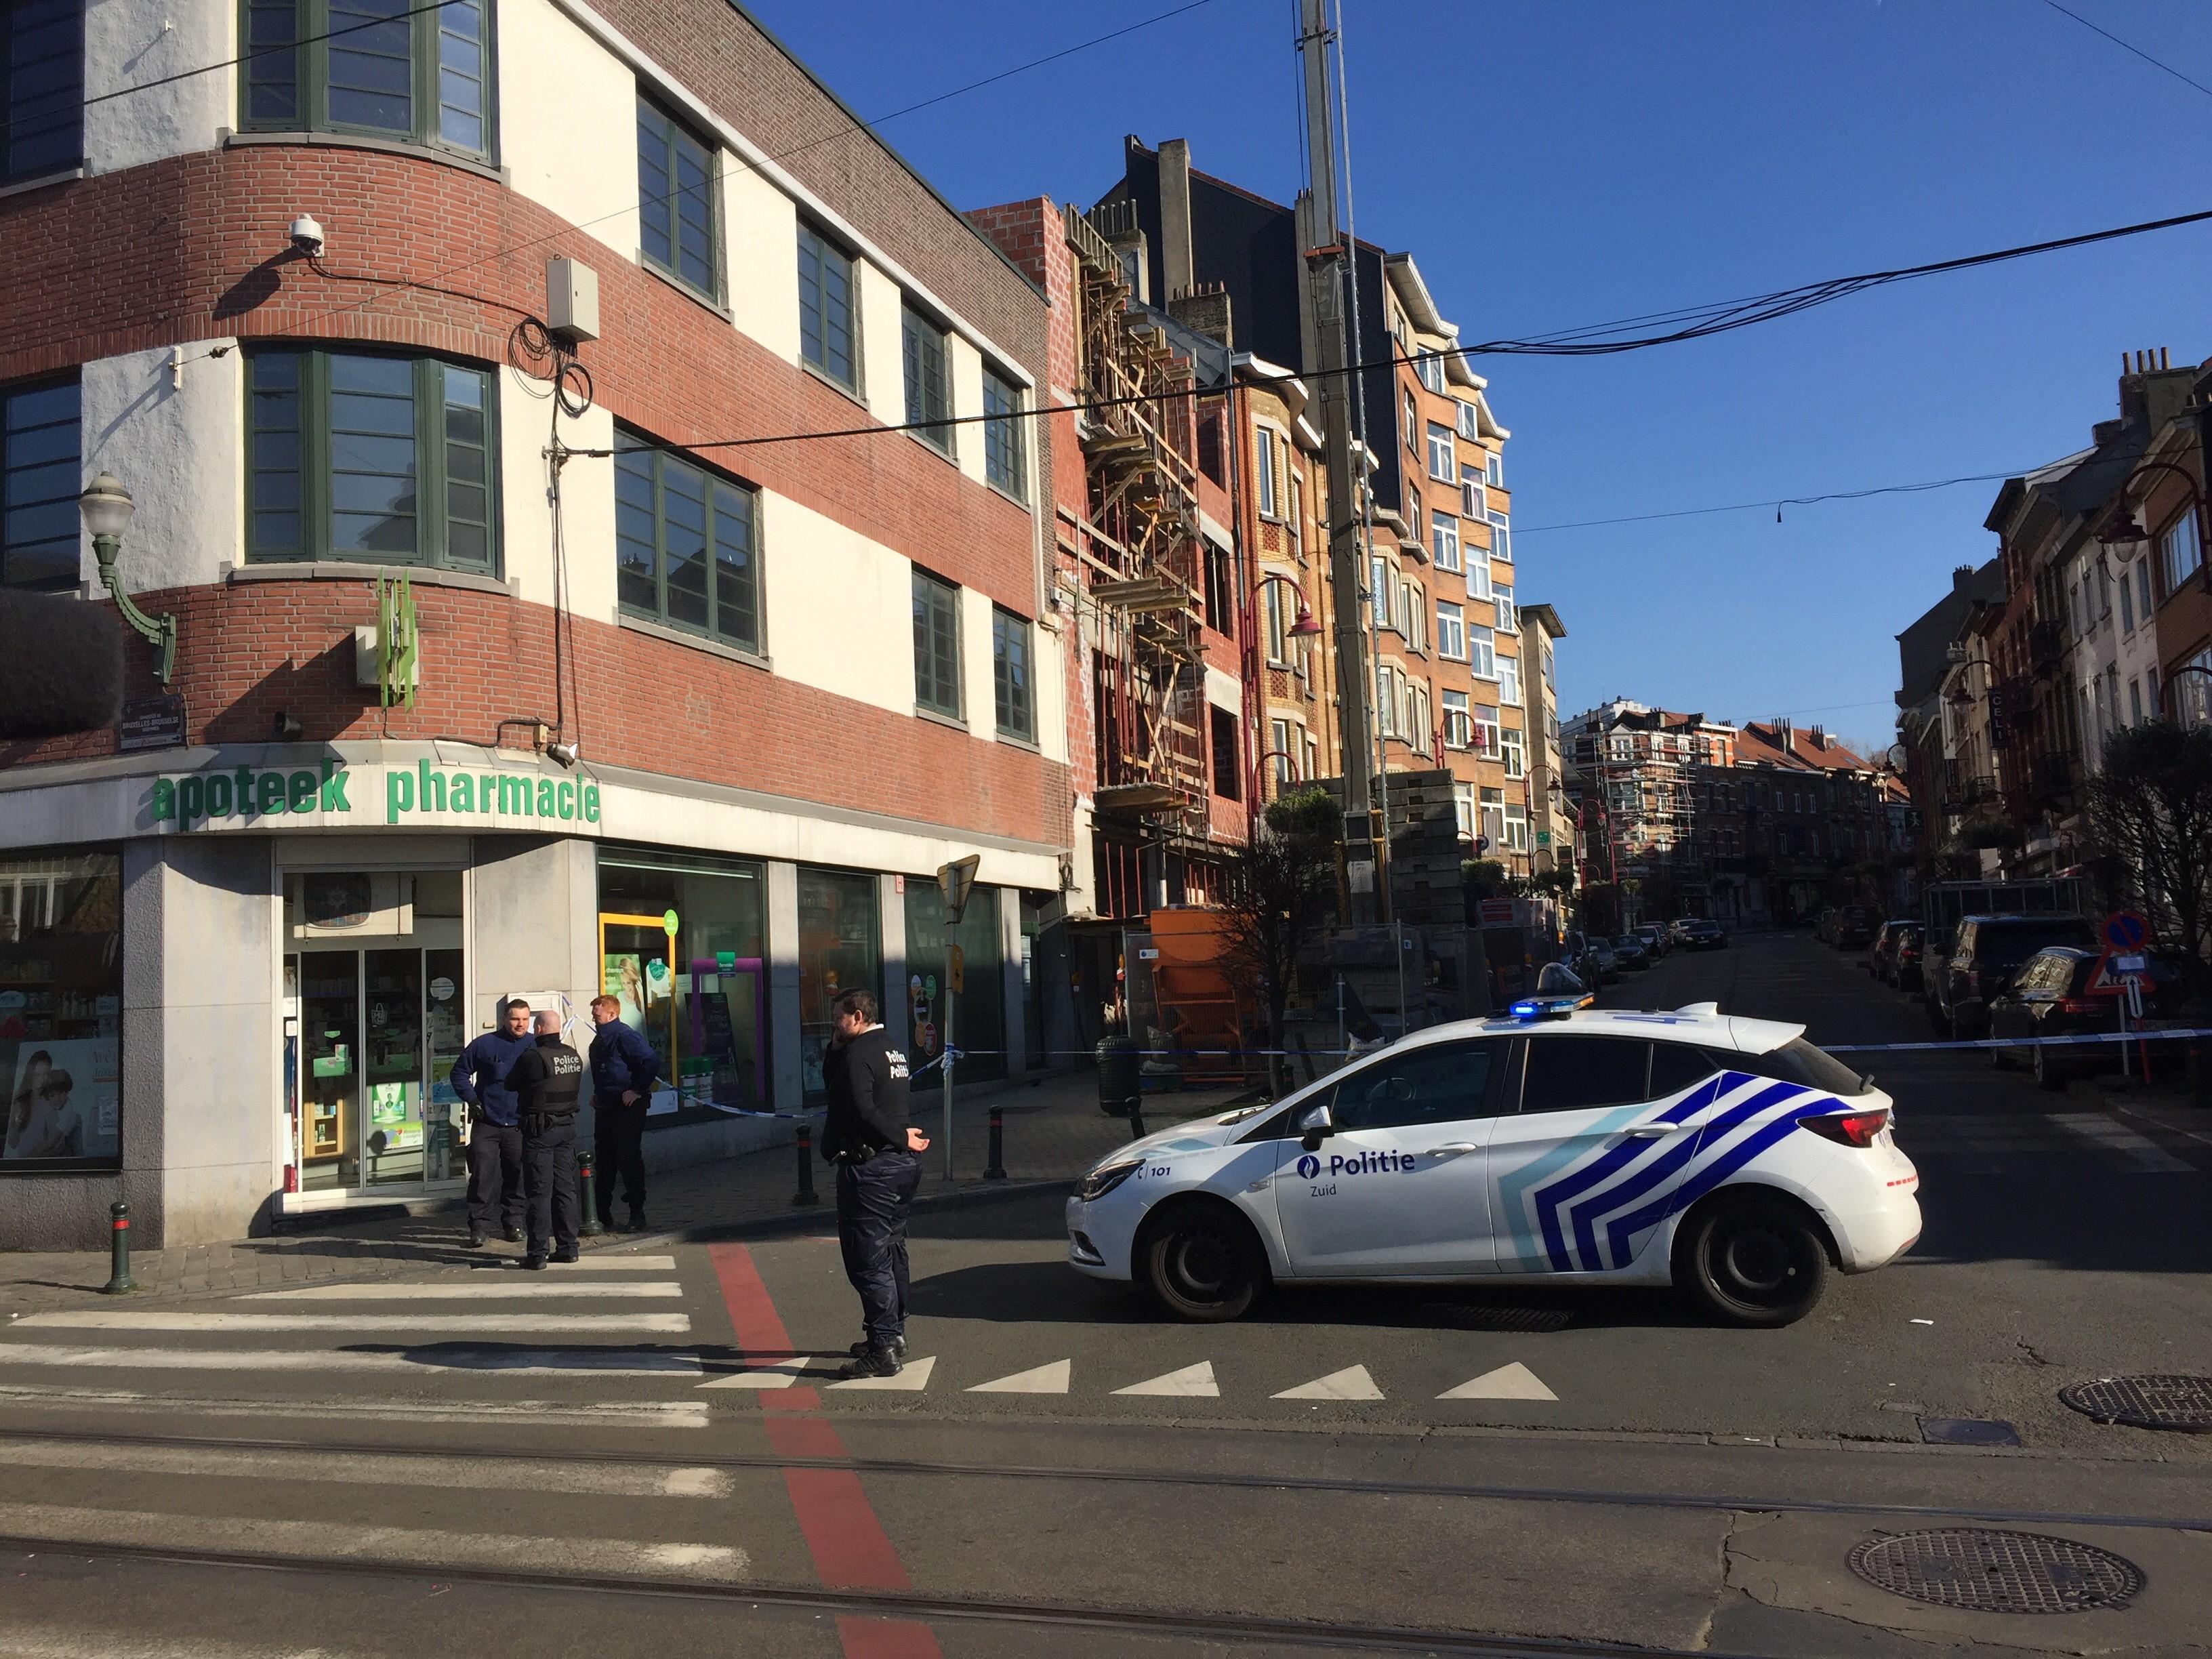 Une fausse alerte provoque une vaste opération de police à Bruxelles — Belgique